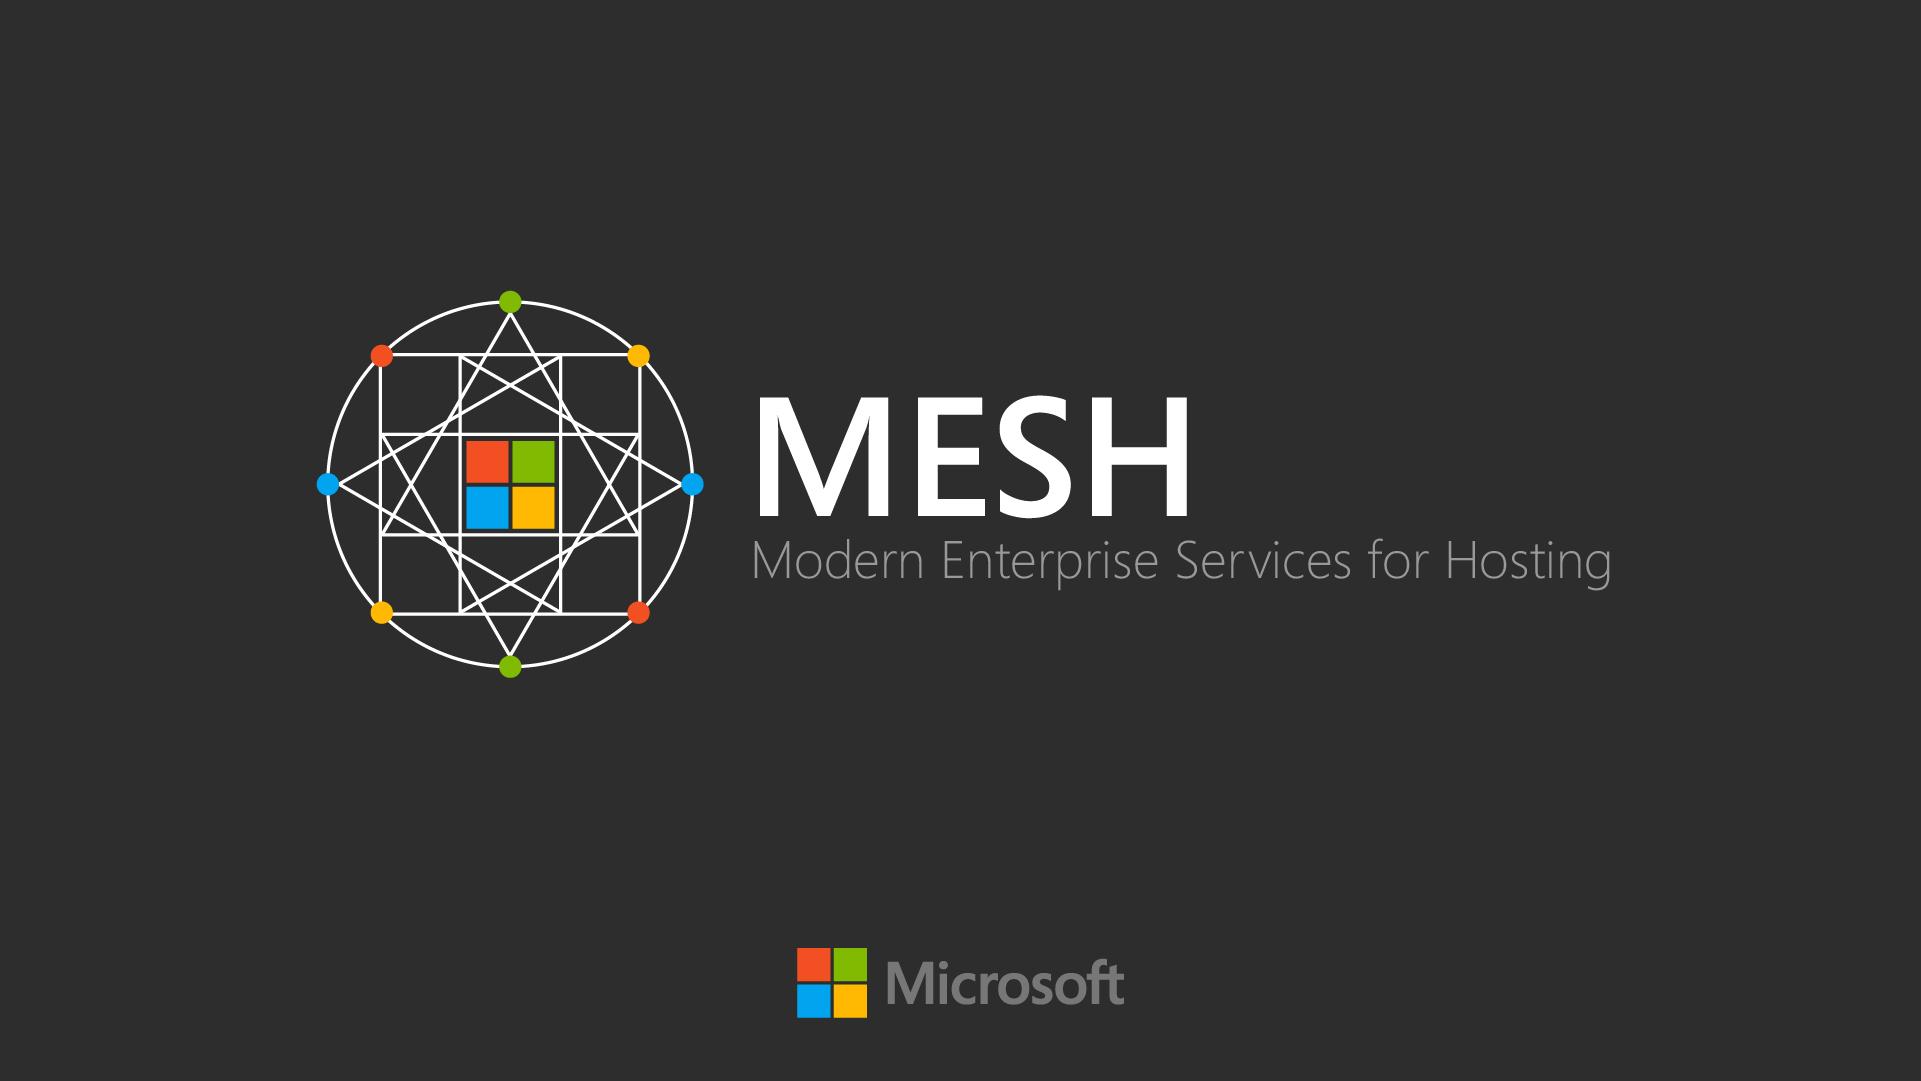 mesh02b.jpg